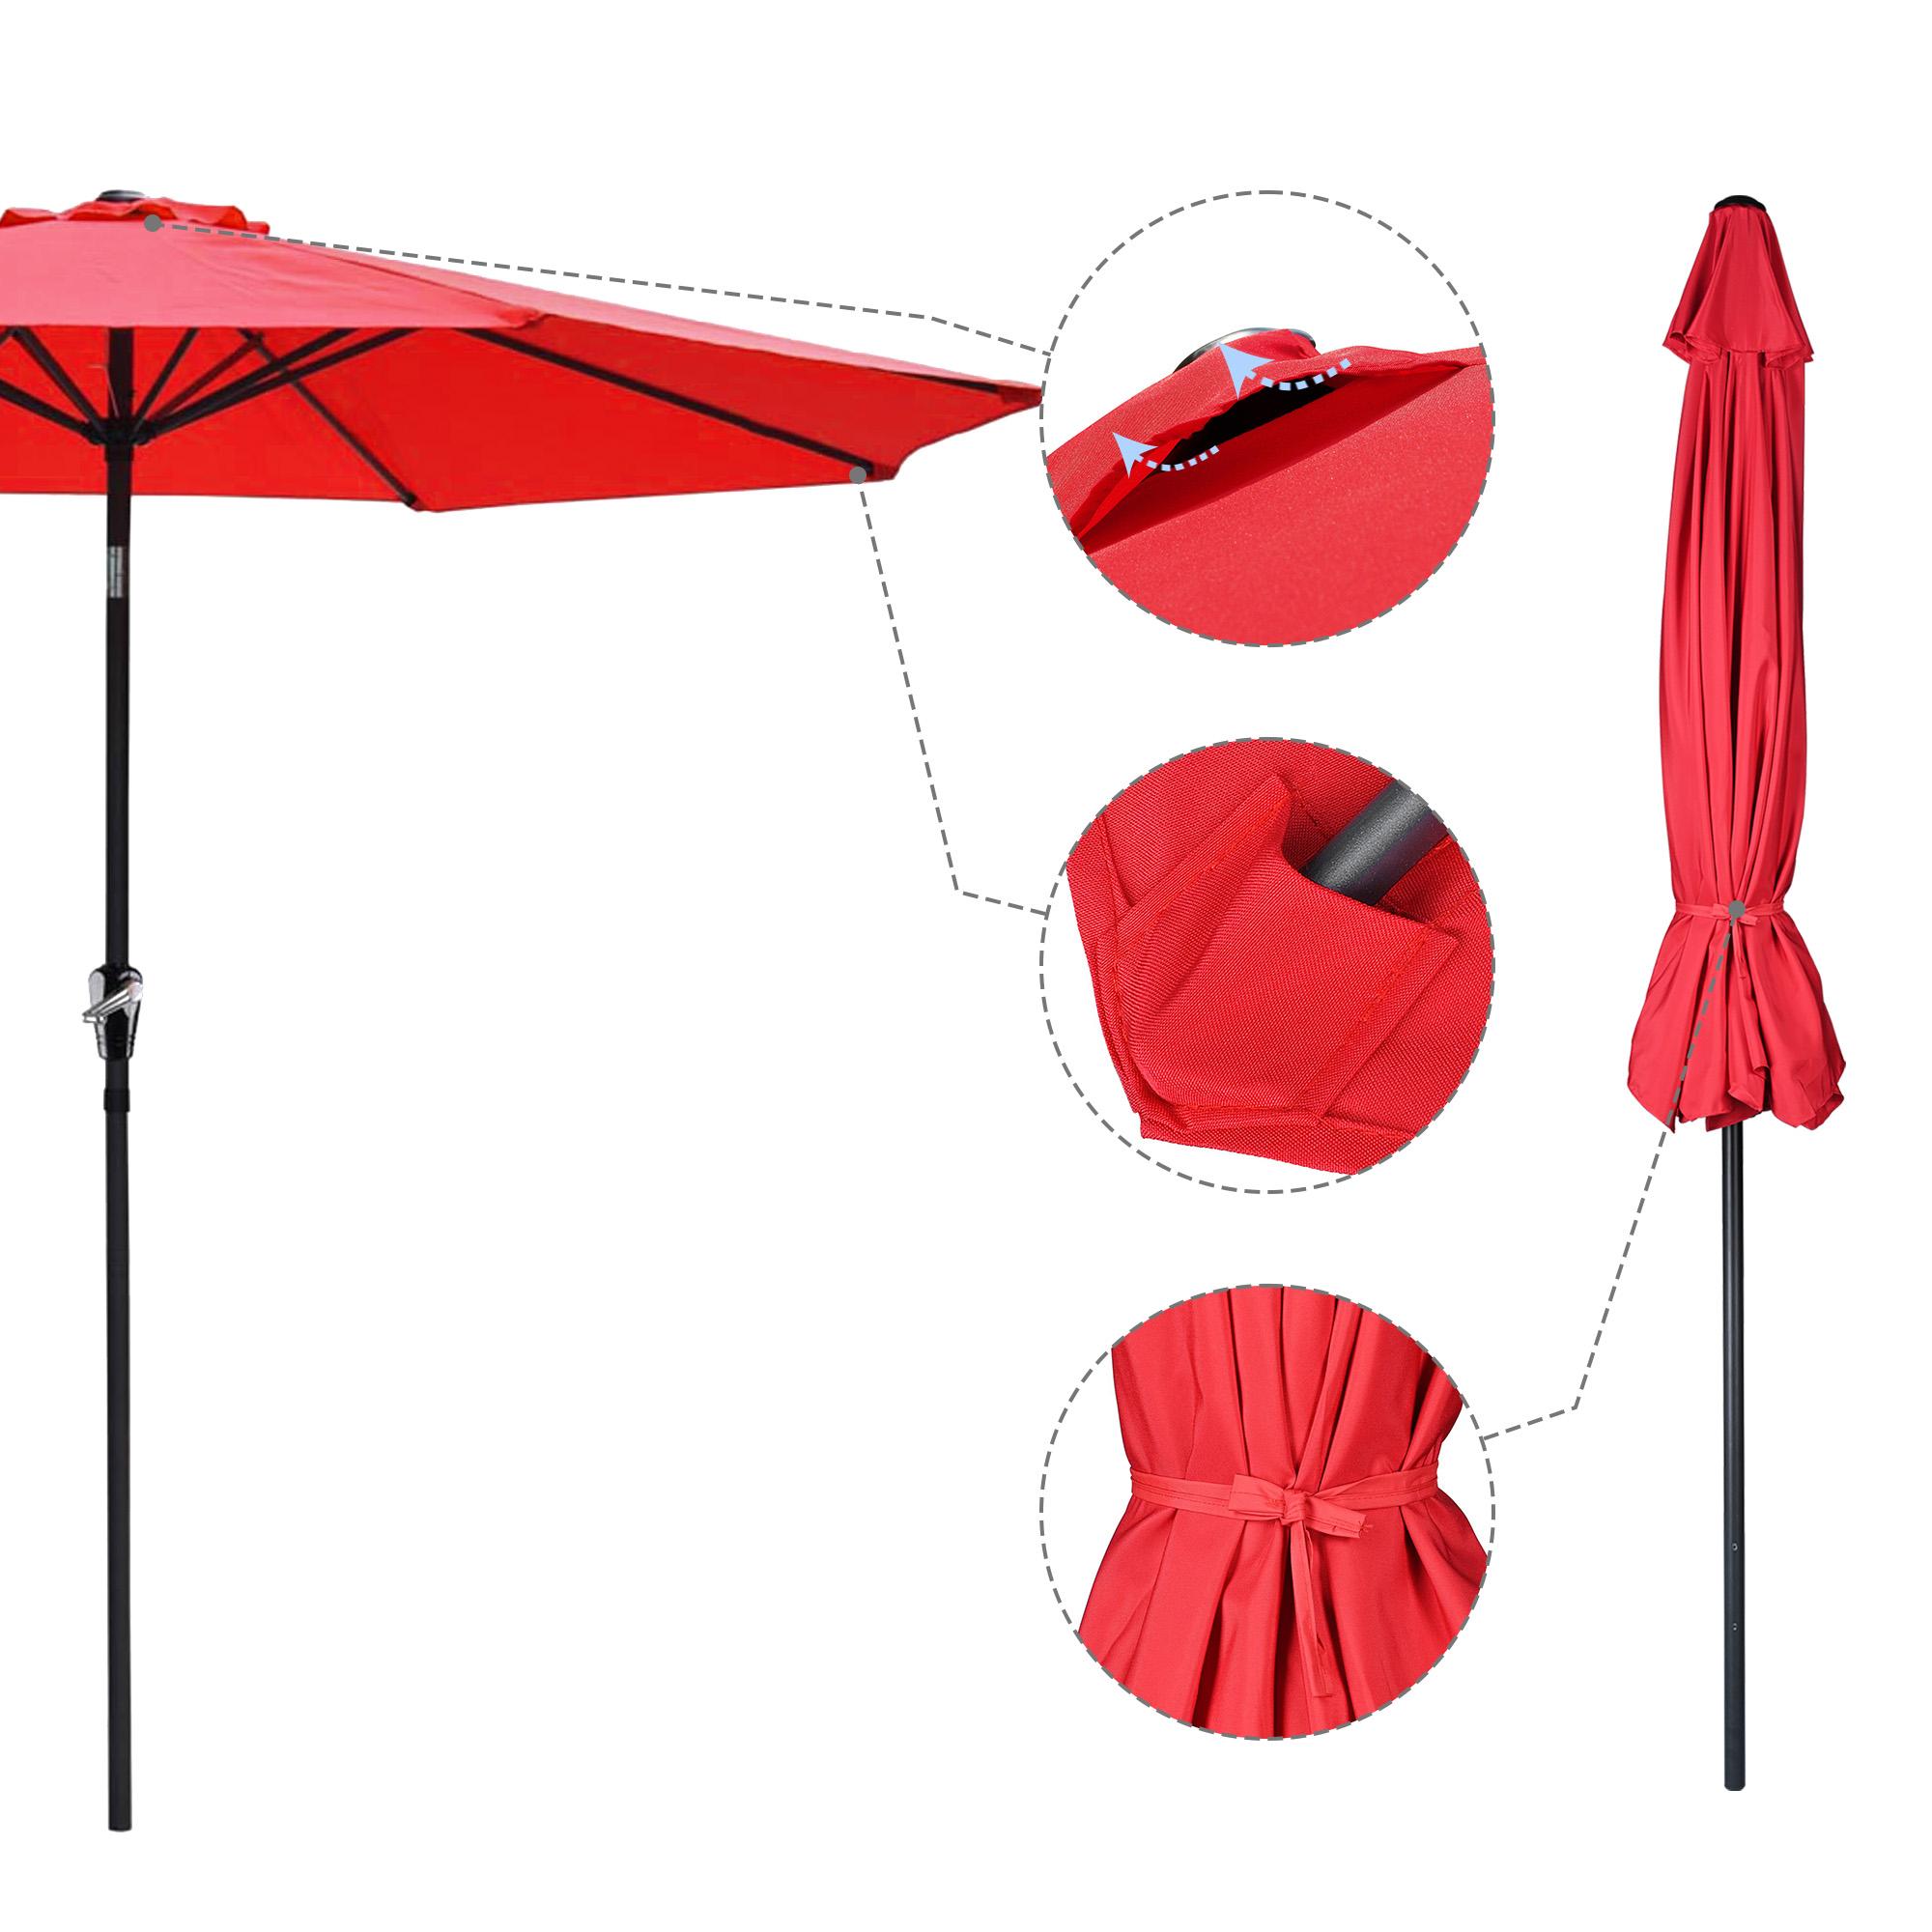 thumbnail 96 - 9' Outdoor Umbrella Patio 8 Ribs Market Garden Crank Tilt Beach Sunshade Parasol